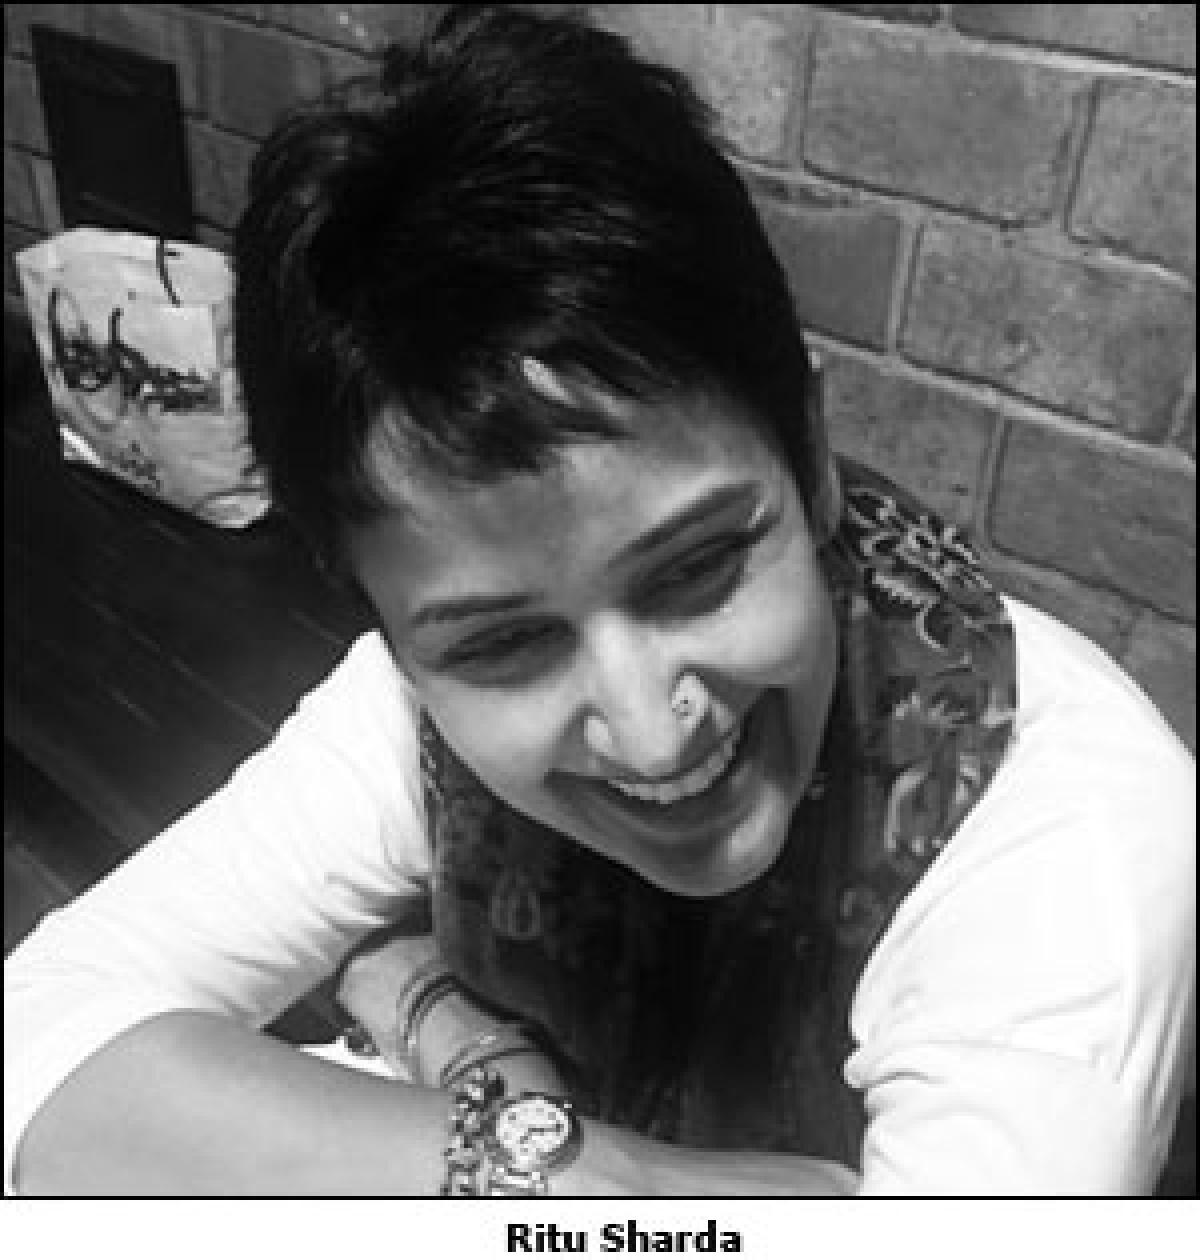 McCann's Ritu Sharda joins ITSA as ECD